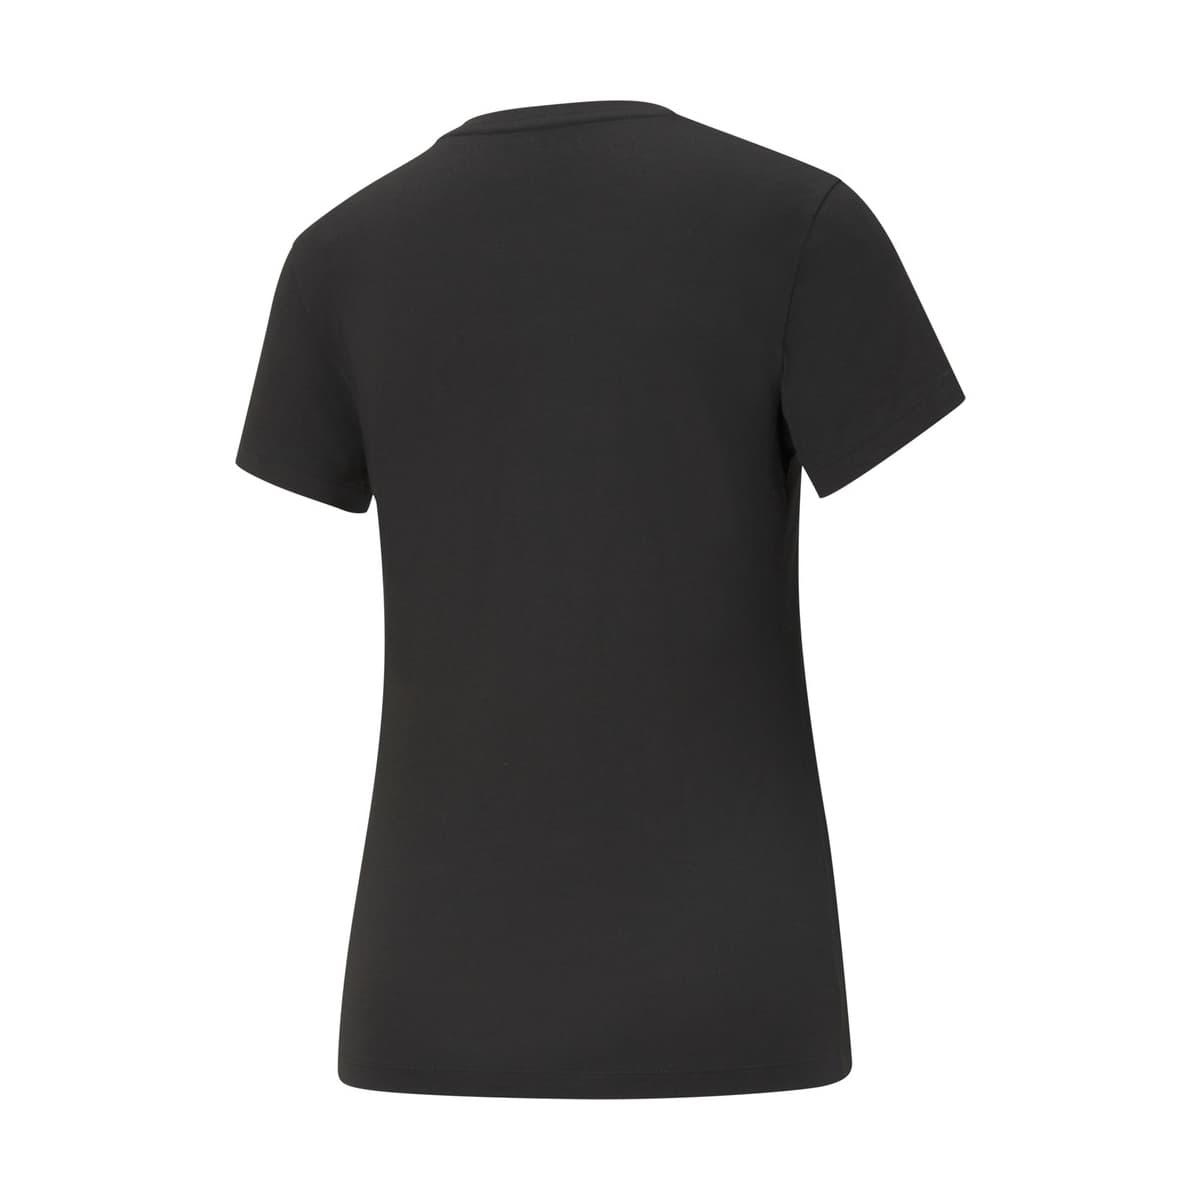 Essential Logo Kadın Siyah Tişört (586774-01)